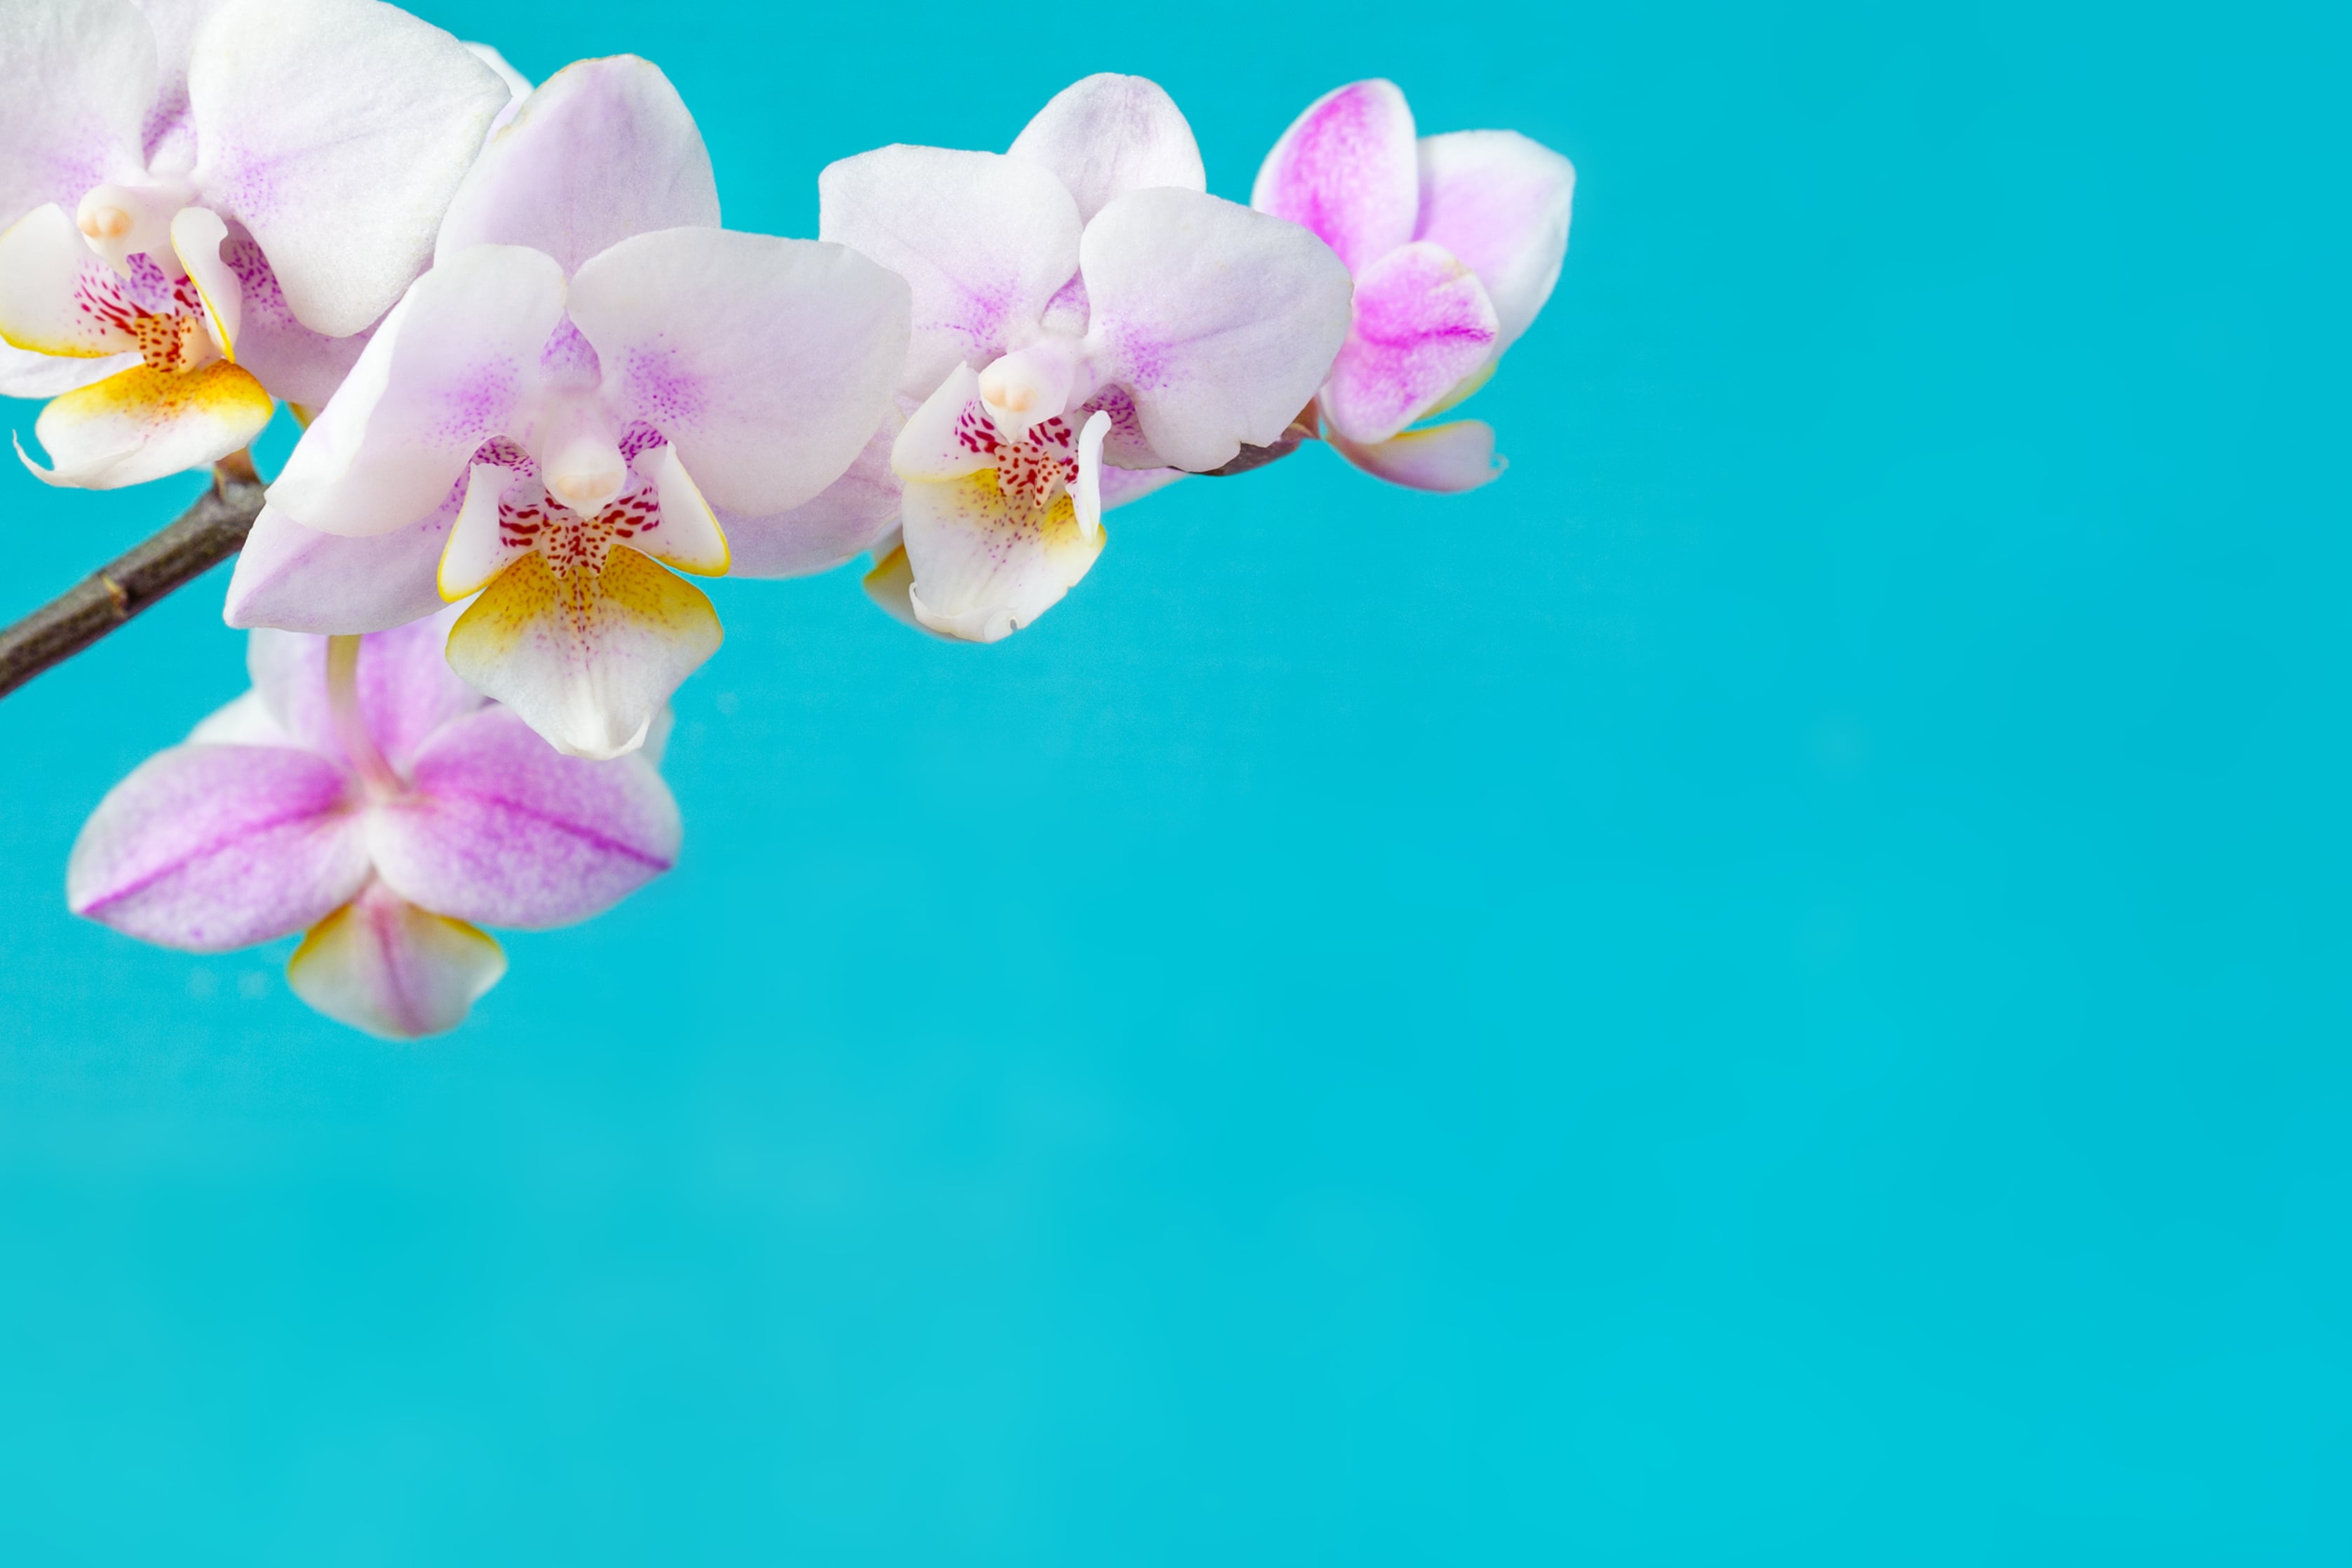 黄色いリップの胡蝶蘭